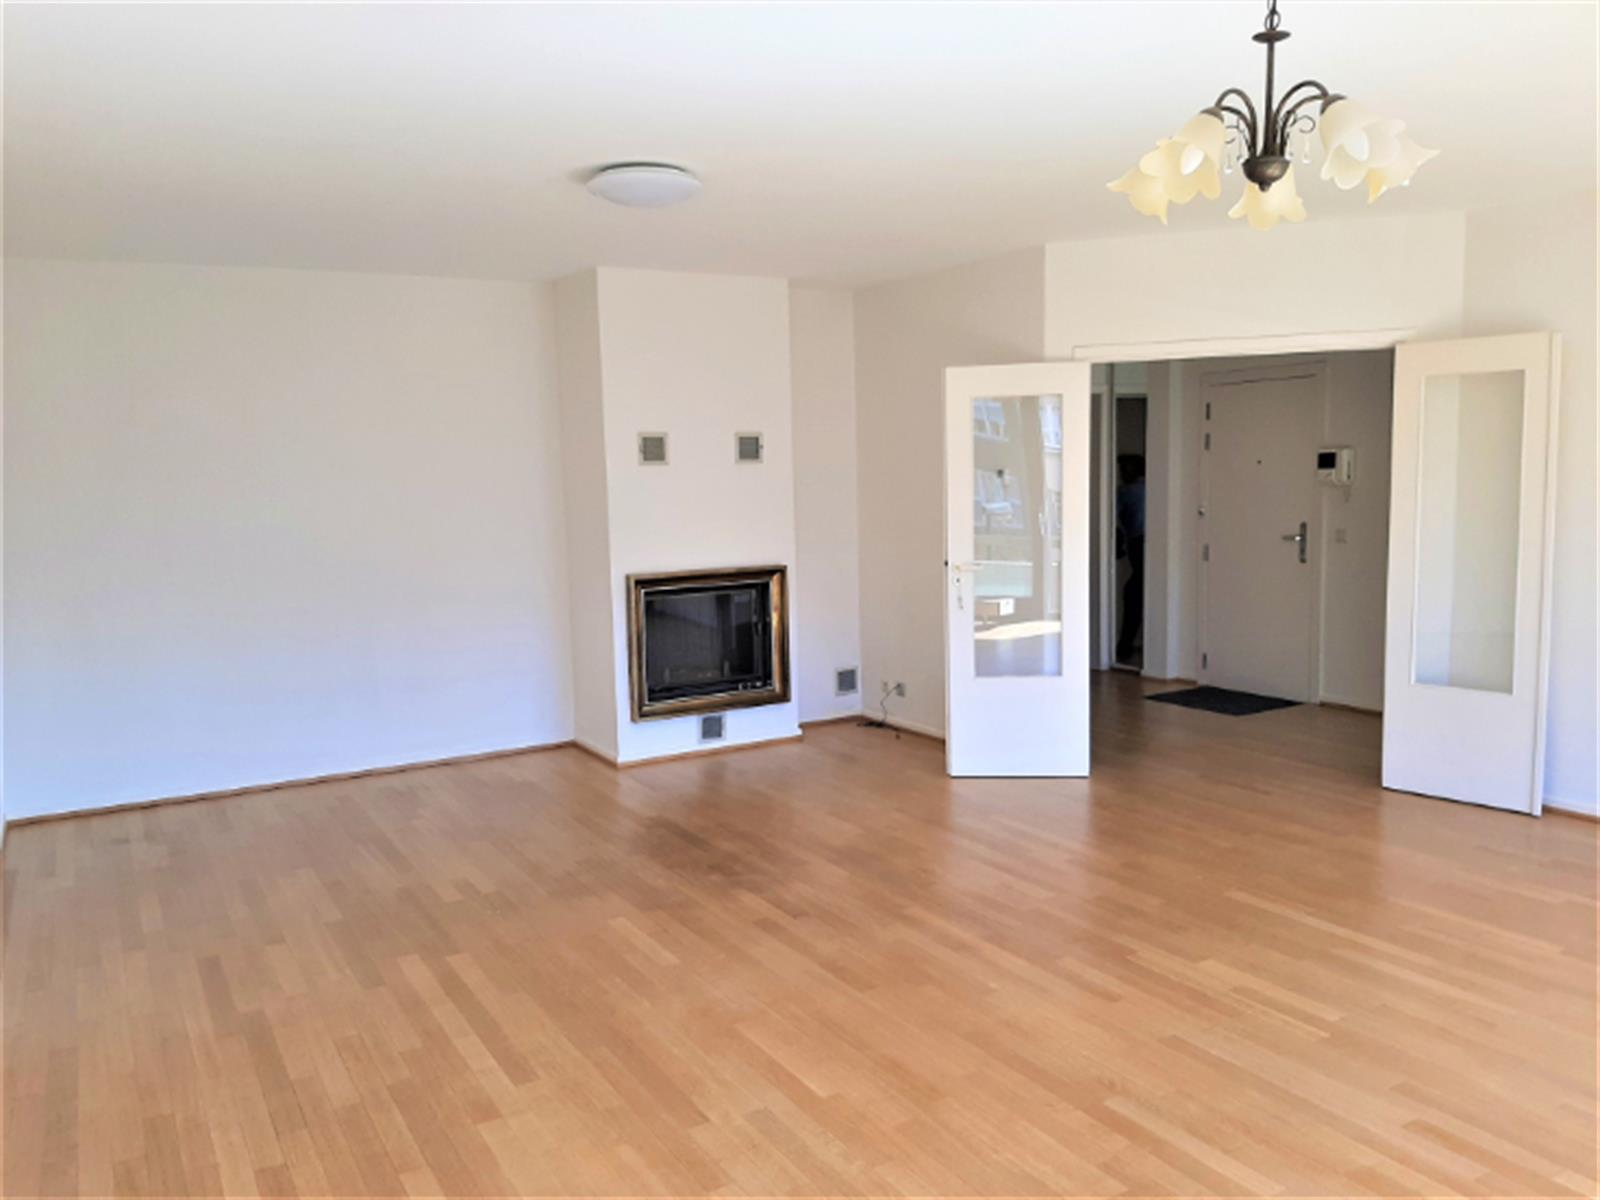 Appartement - Woluwe-Saint-Pierre - #4350243-1